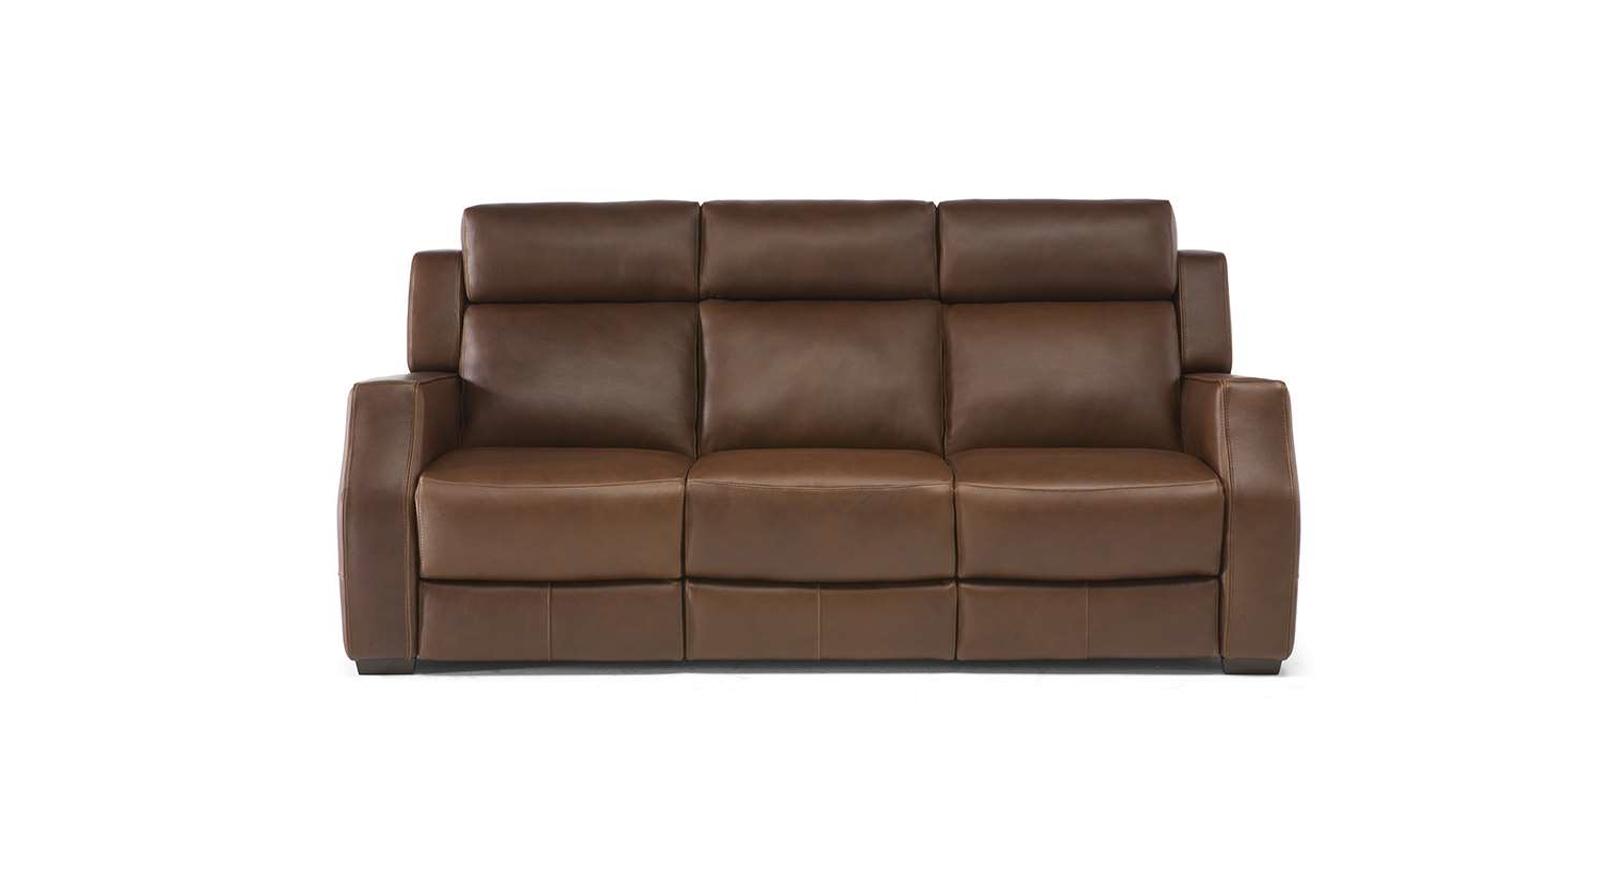 Natuzzi Editions Tenero C122 Reclining Sofa Bracko Home regarding sizing 1600 X 886